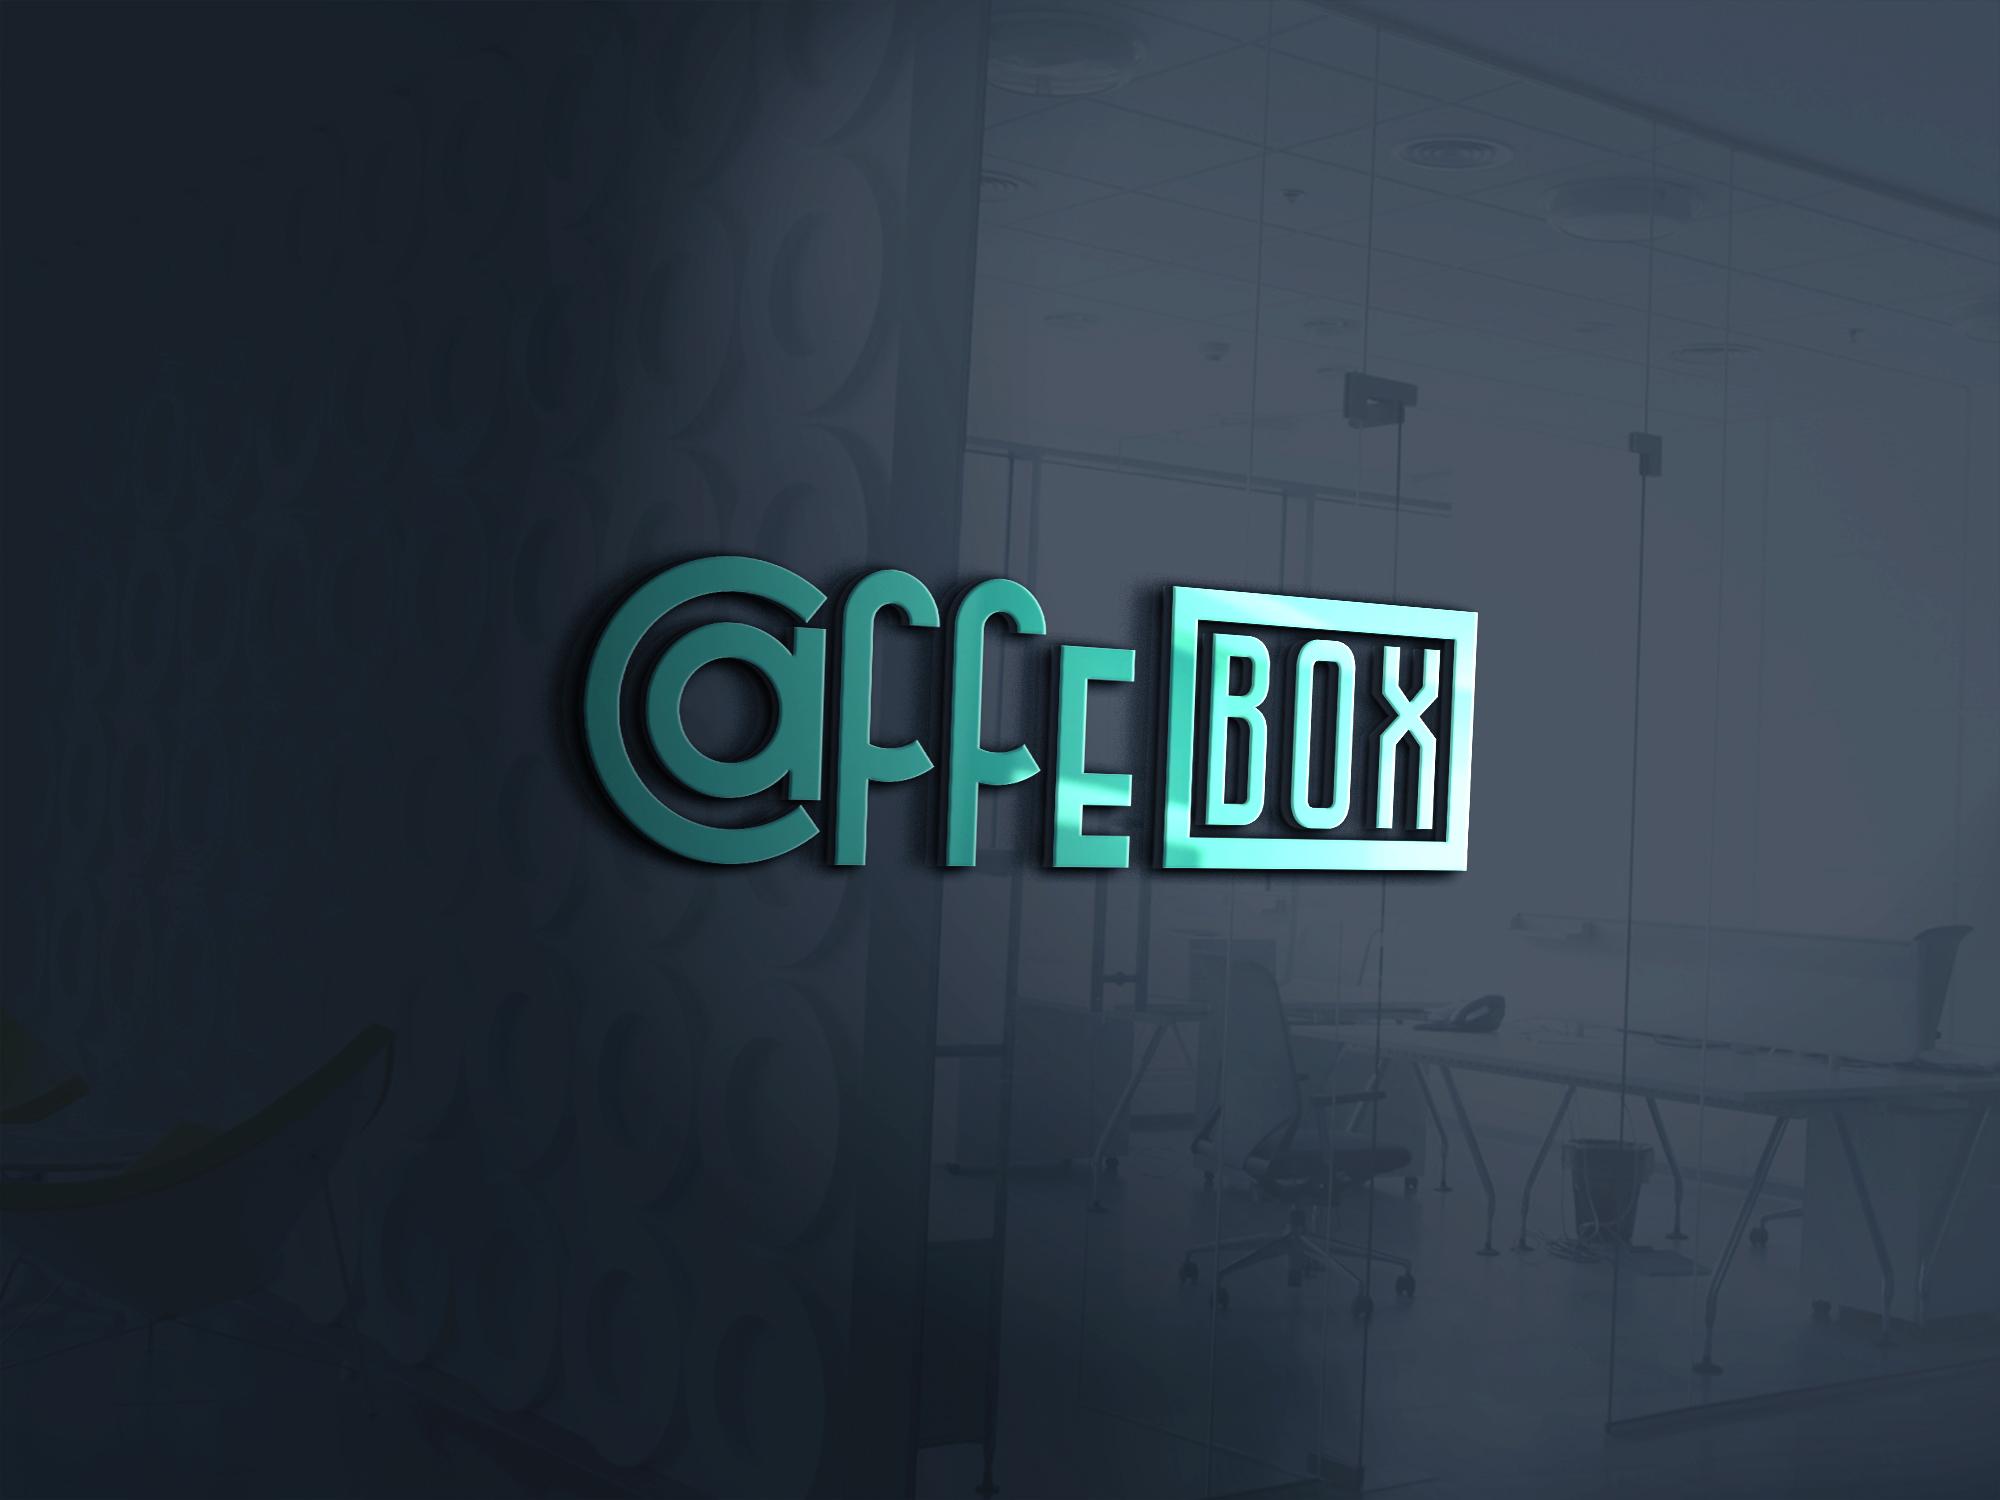 Требуется очень срочно разработать логотип кофейни! фото f_4165a0adbbc43c32.jpg